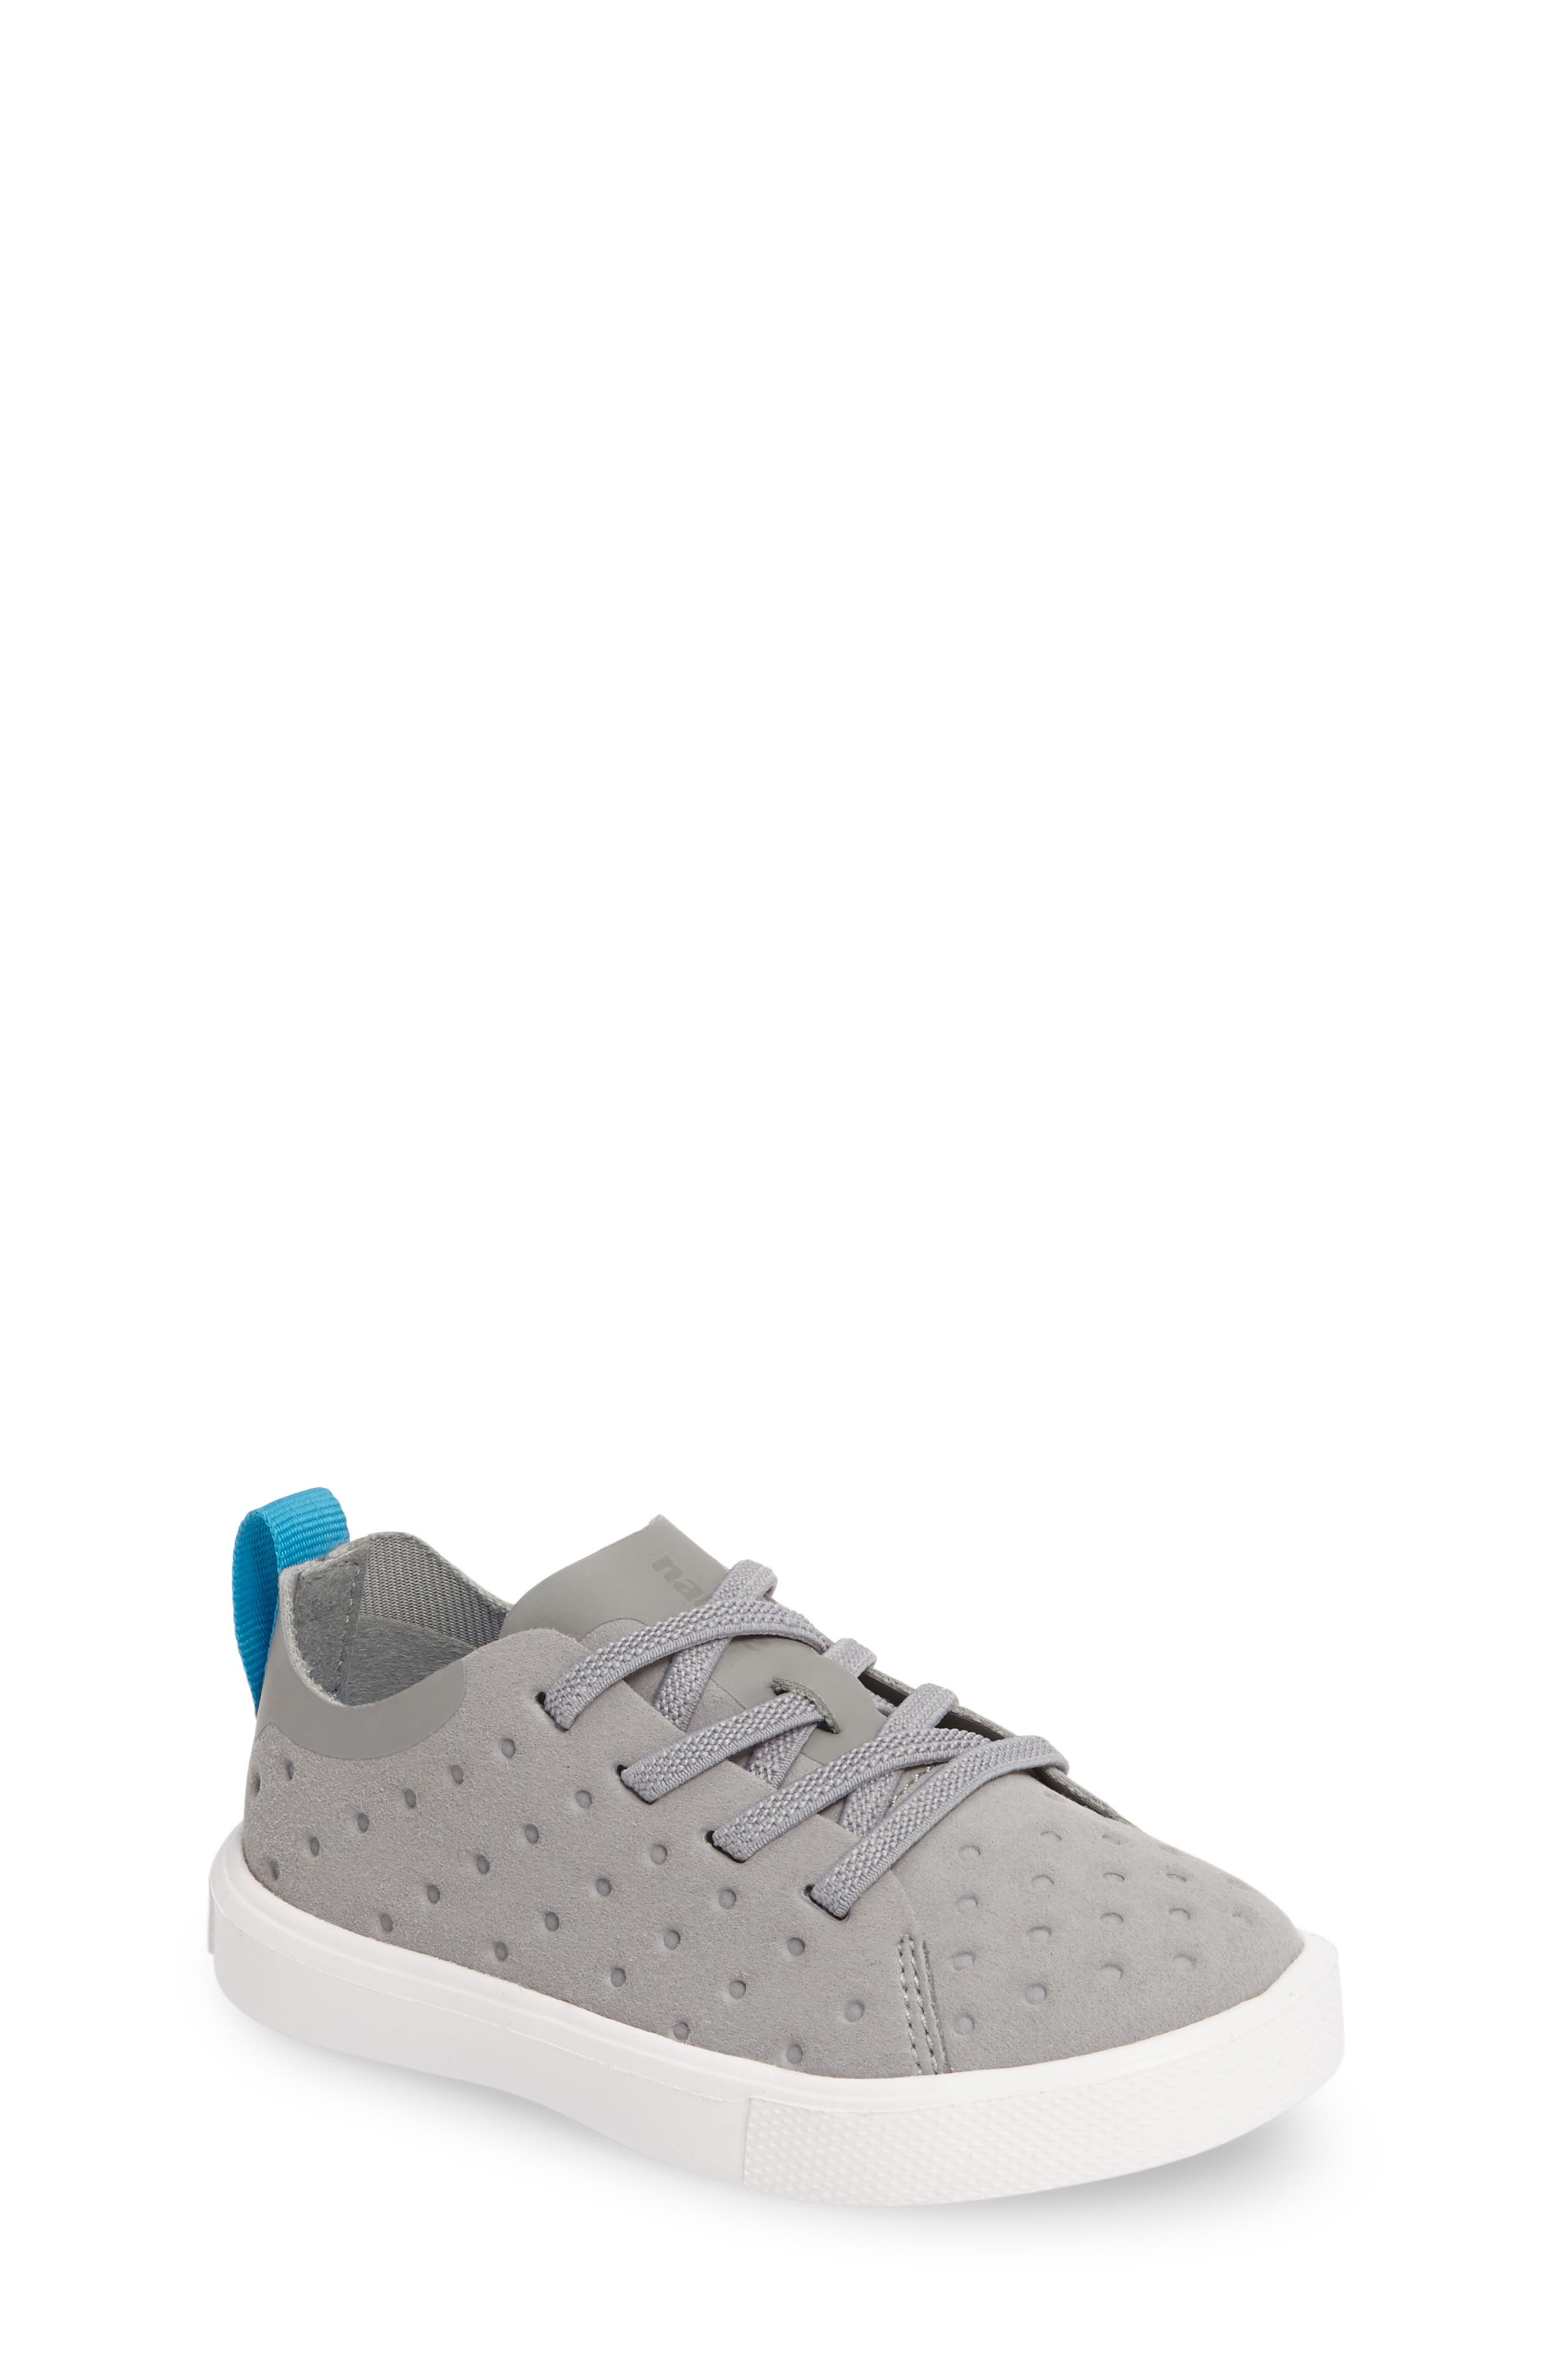 Native Shoes Monaco Sneaker (Walker, Toddler & Little Kid)